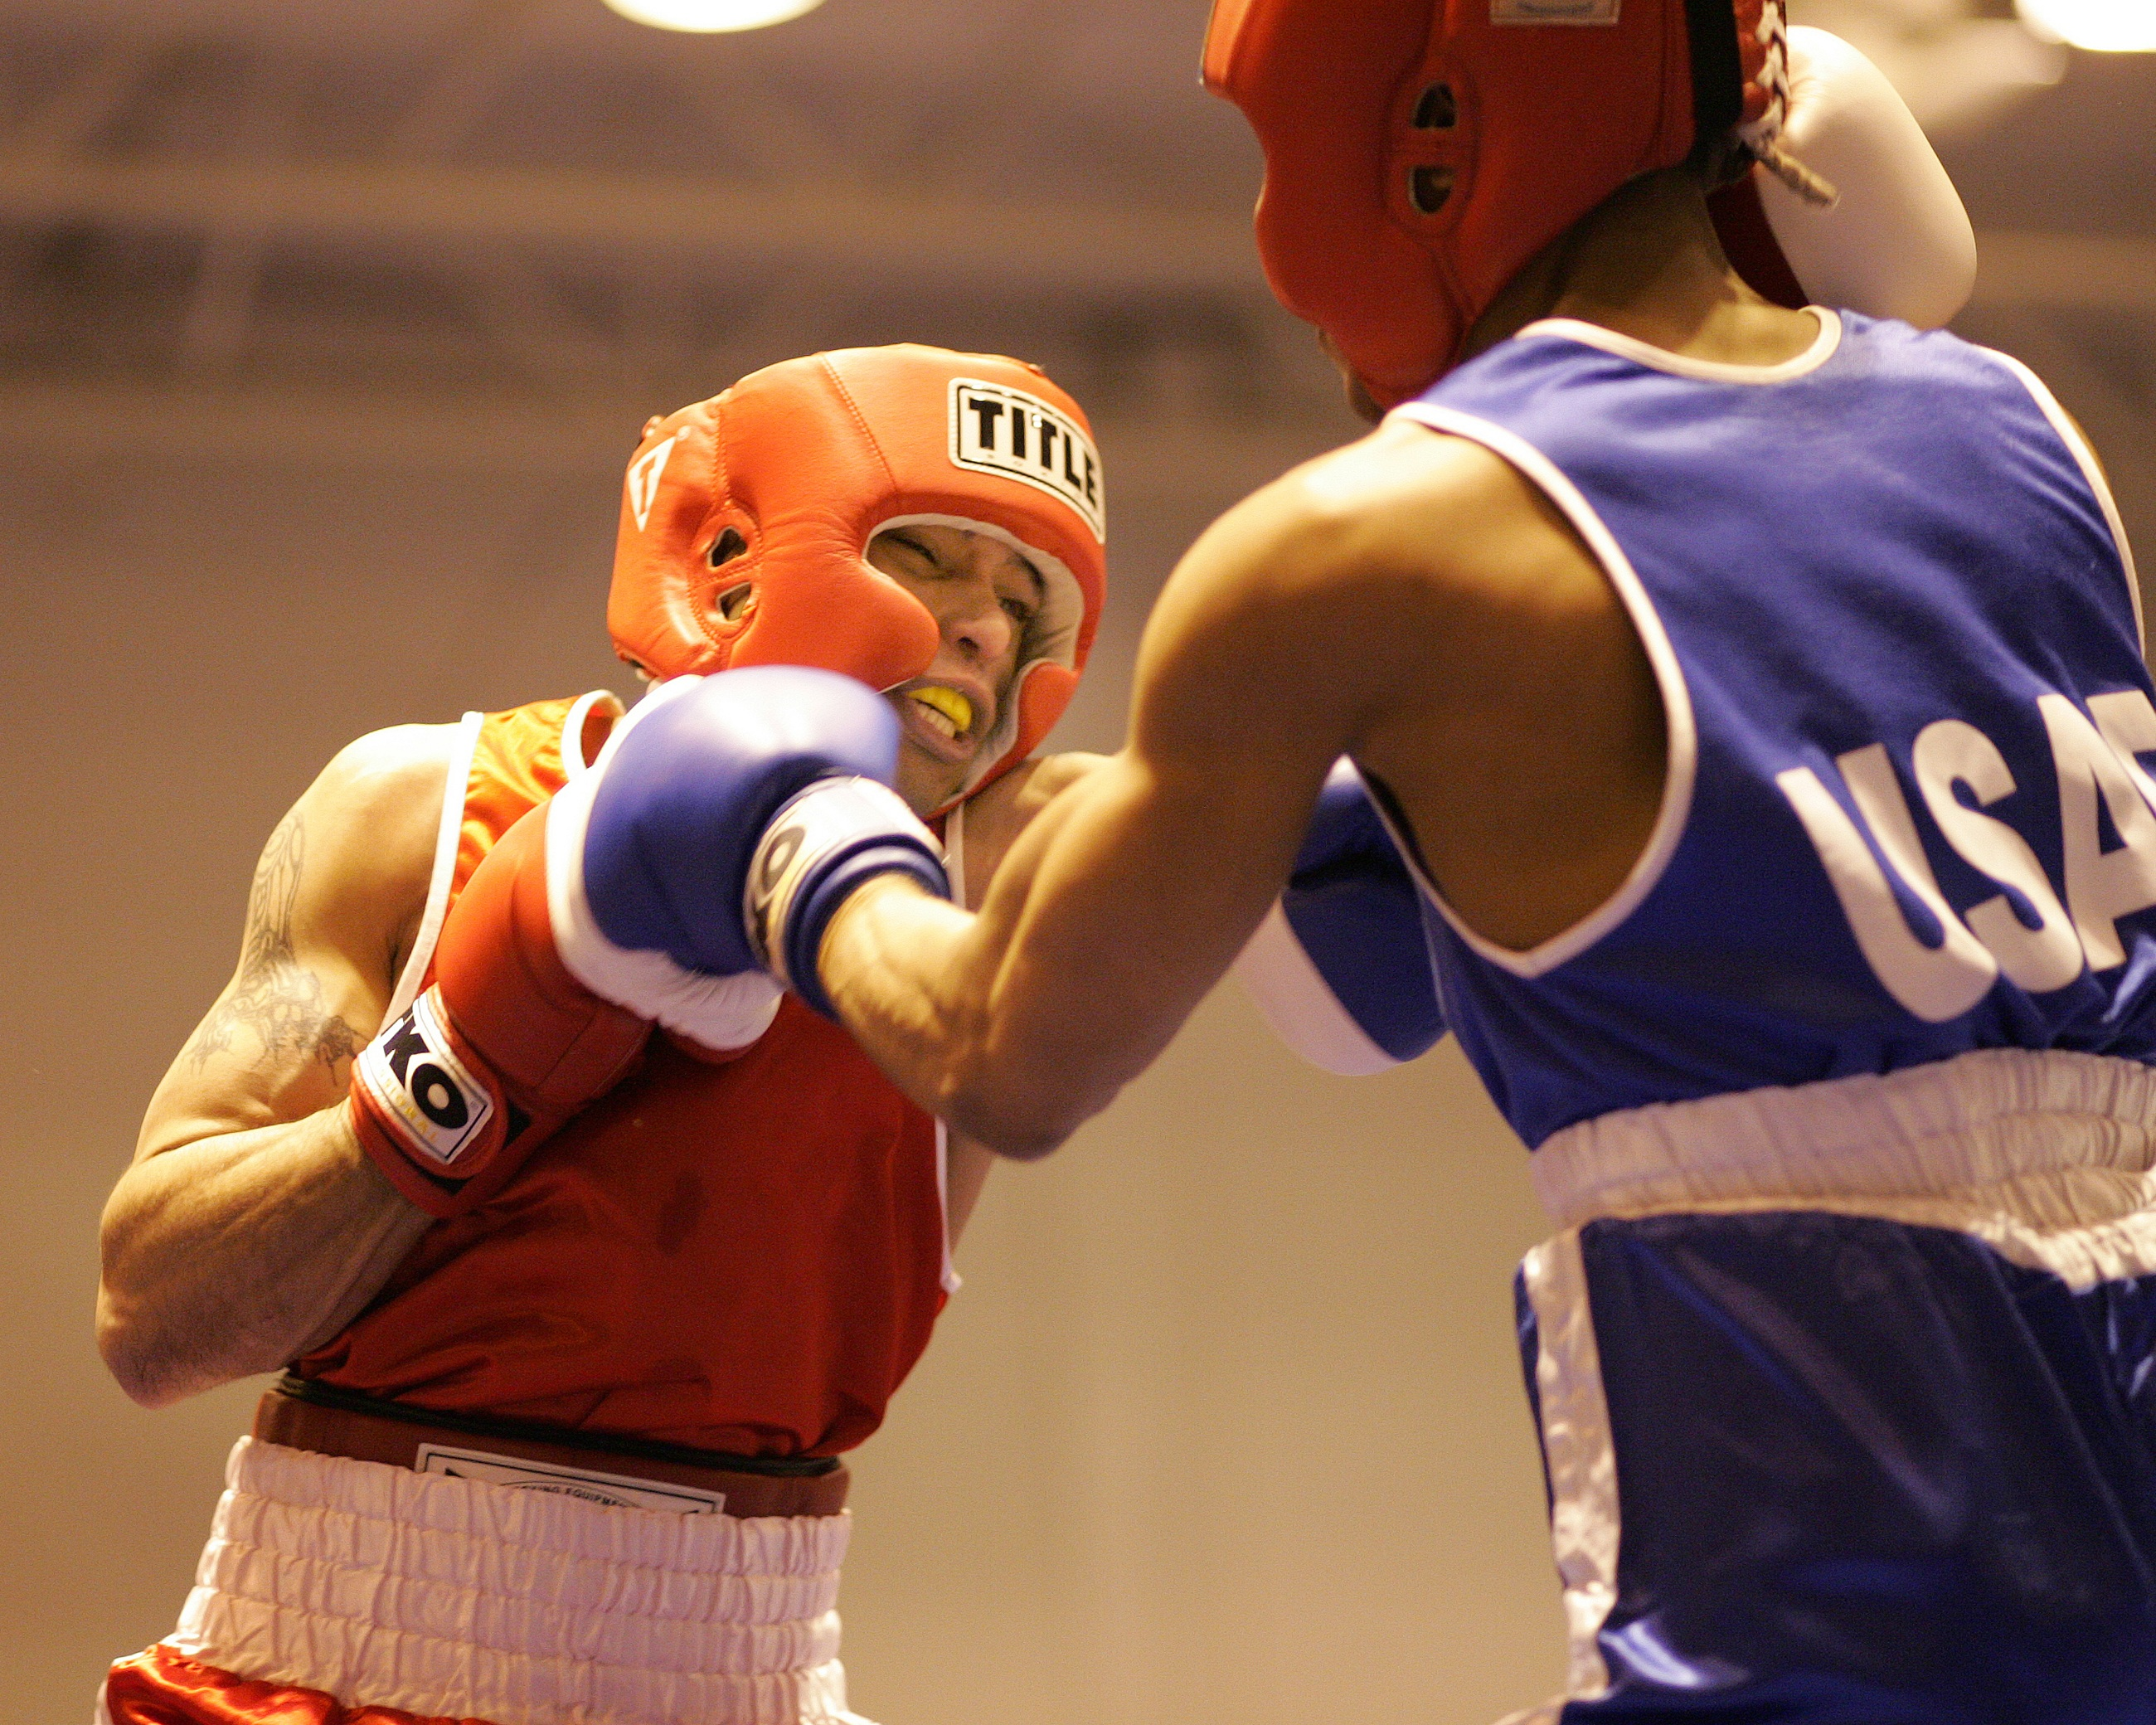 Boxing match photo